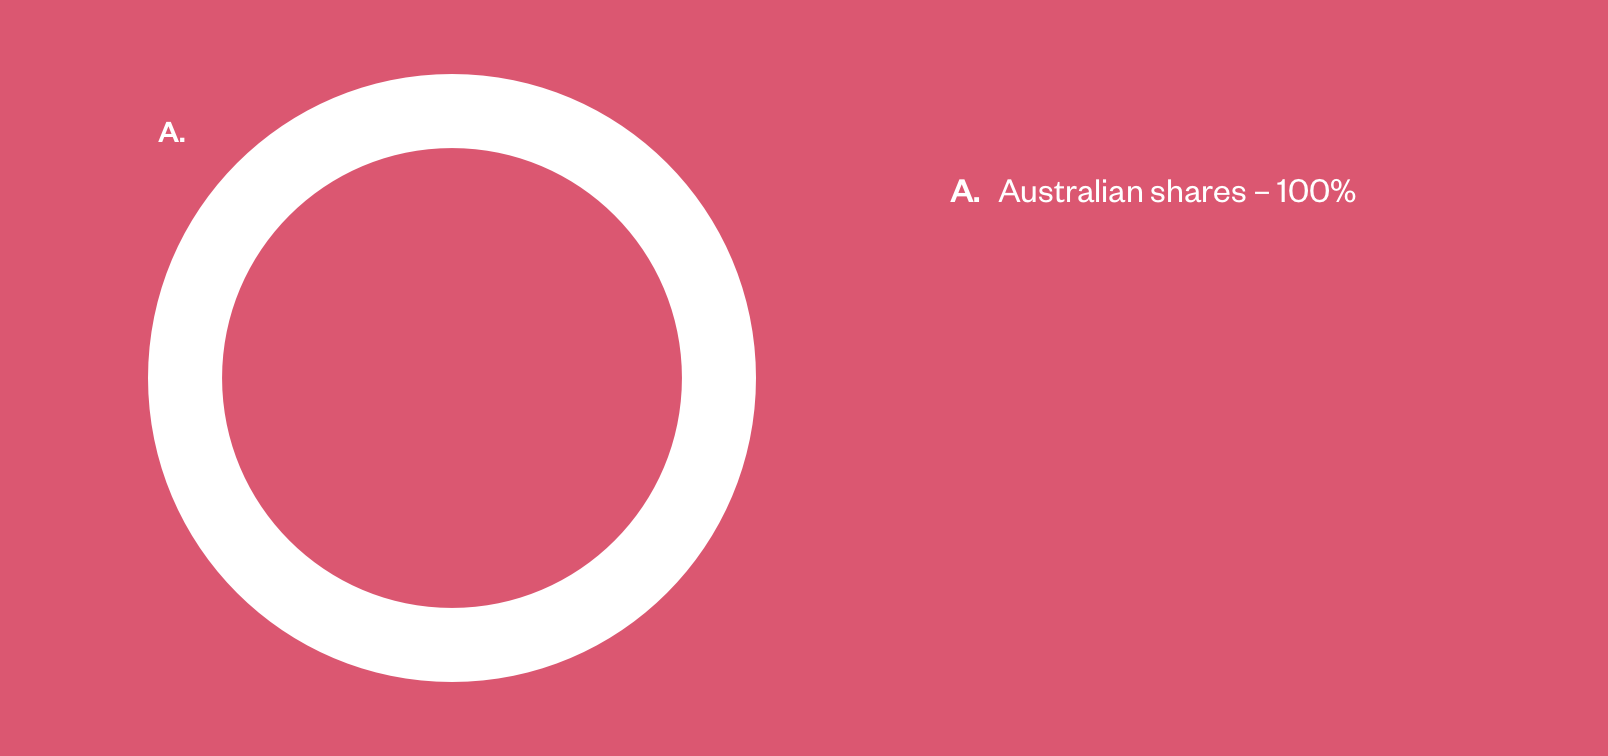 Australian shares chart